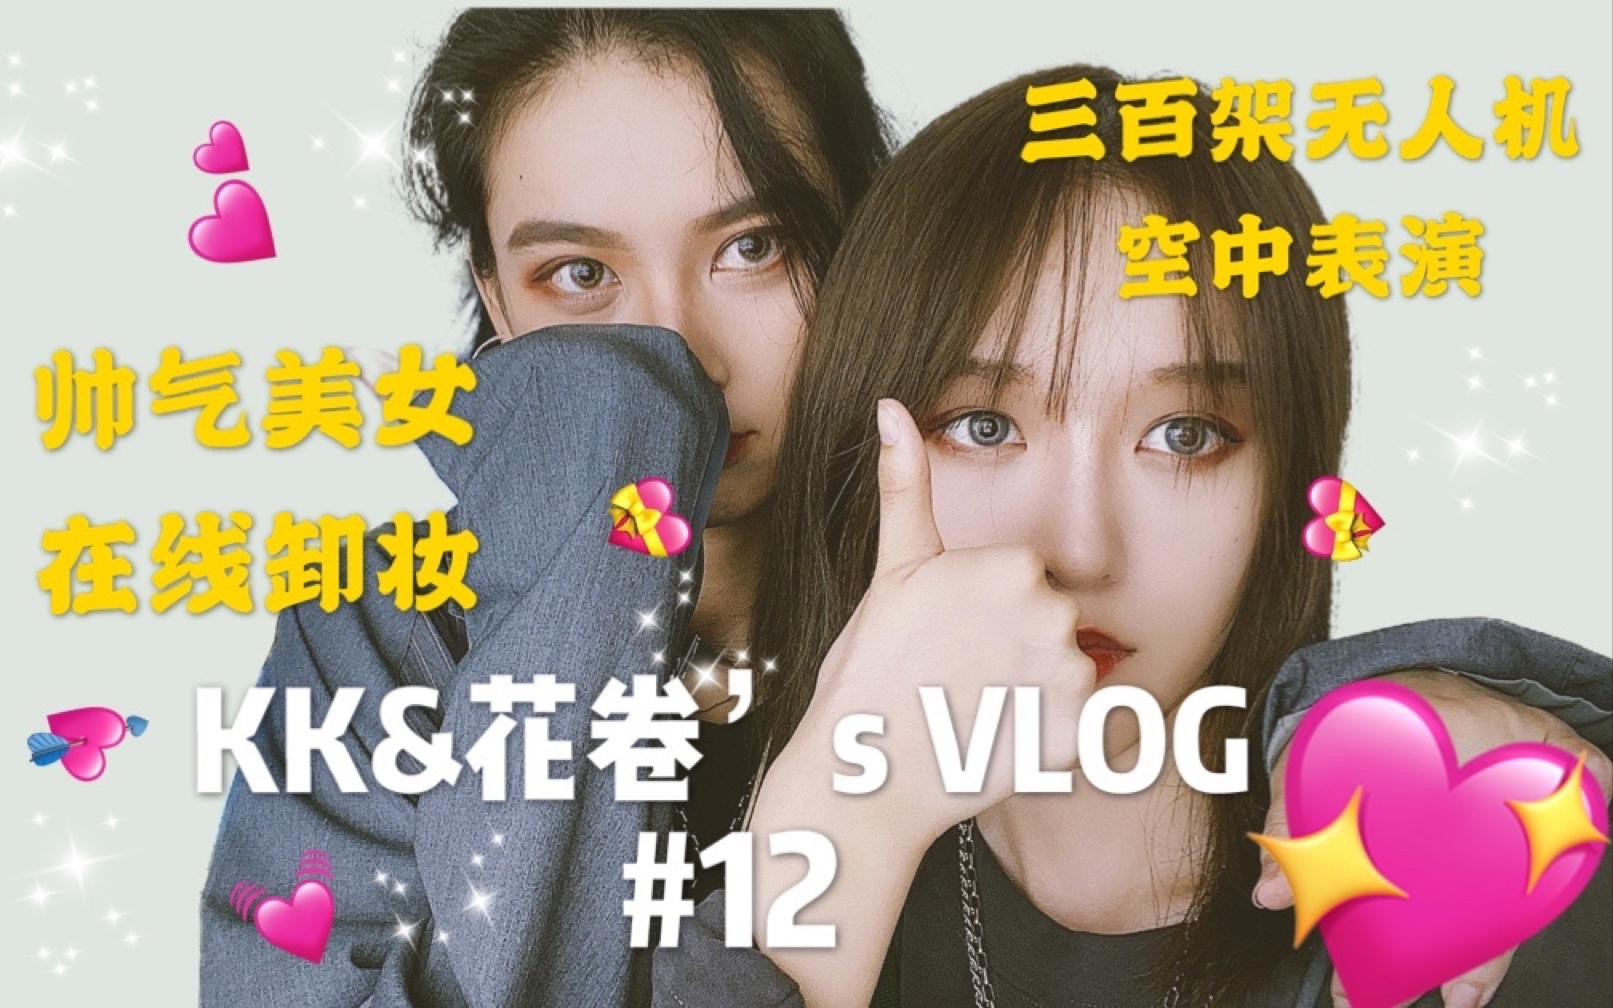 【KK&花卷】情侣vlog.12 吃吃逛逛/当街热舞/在线卸妆